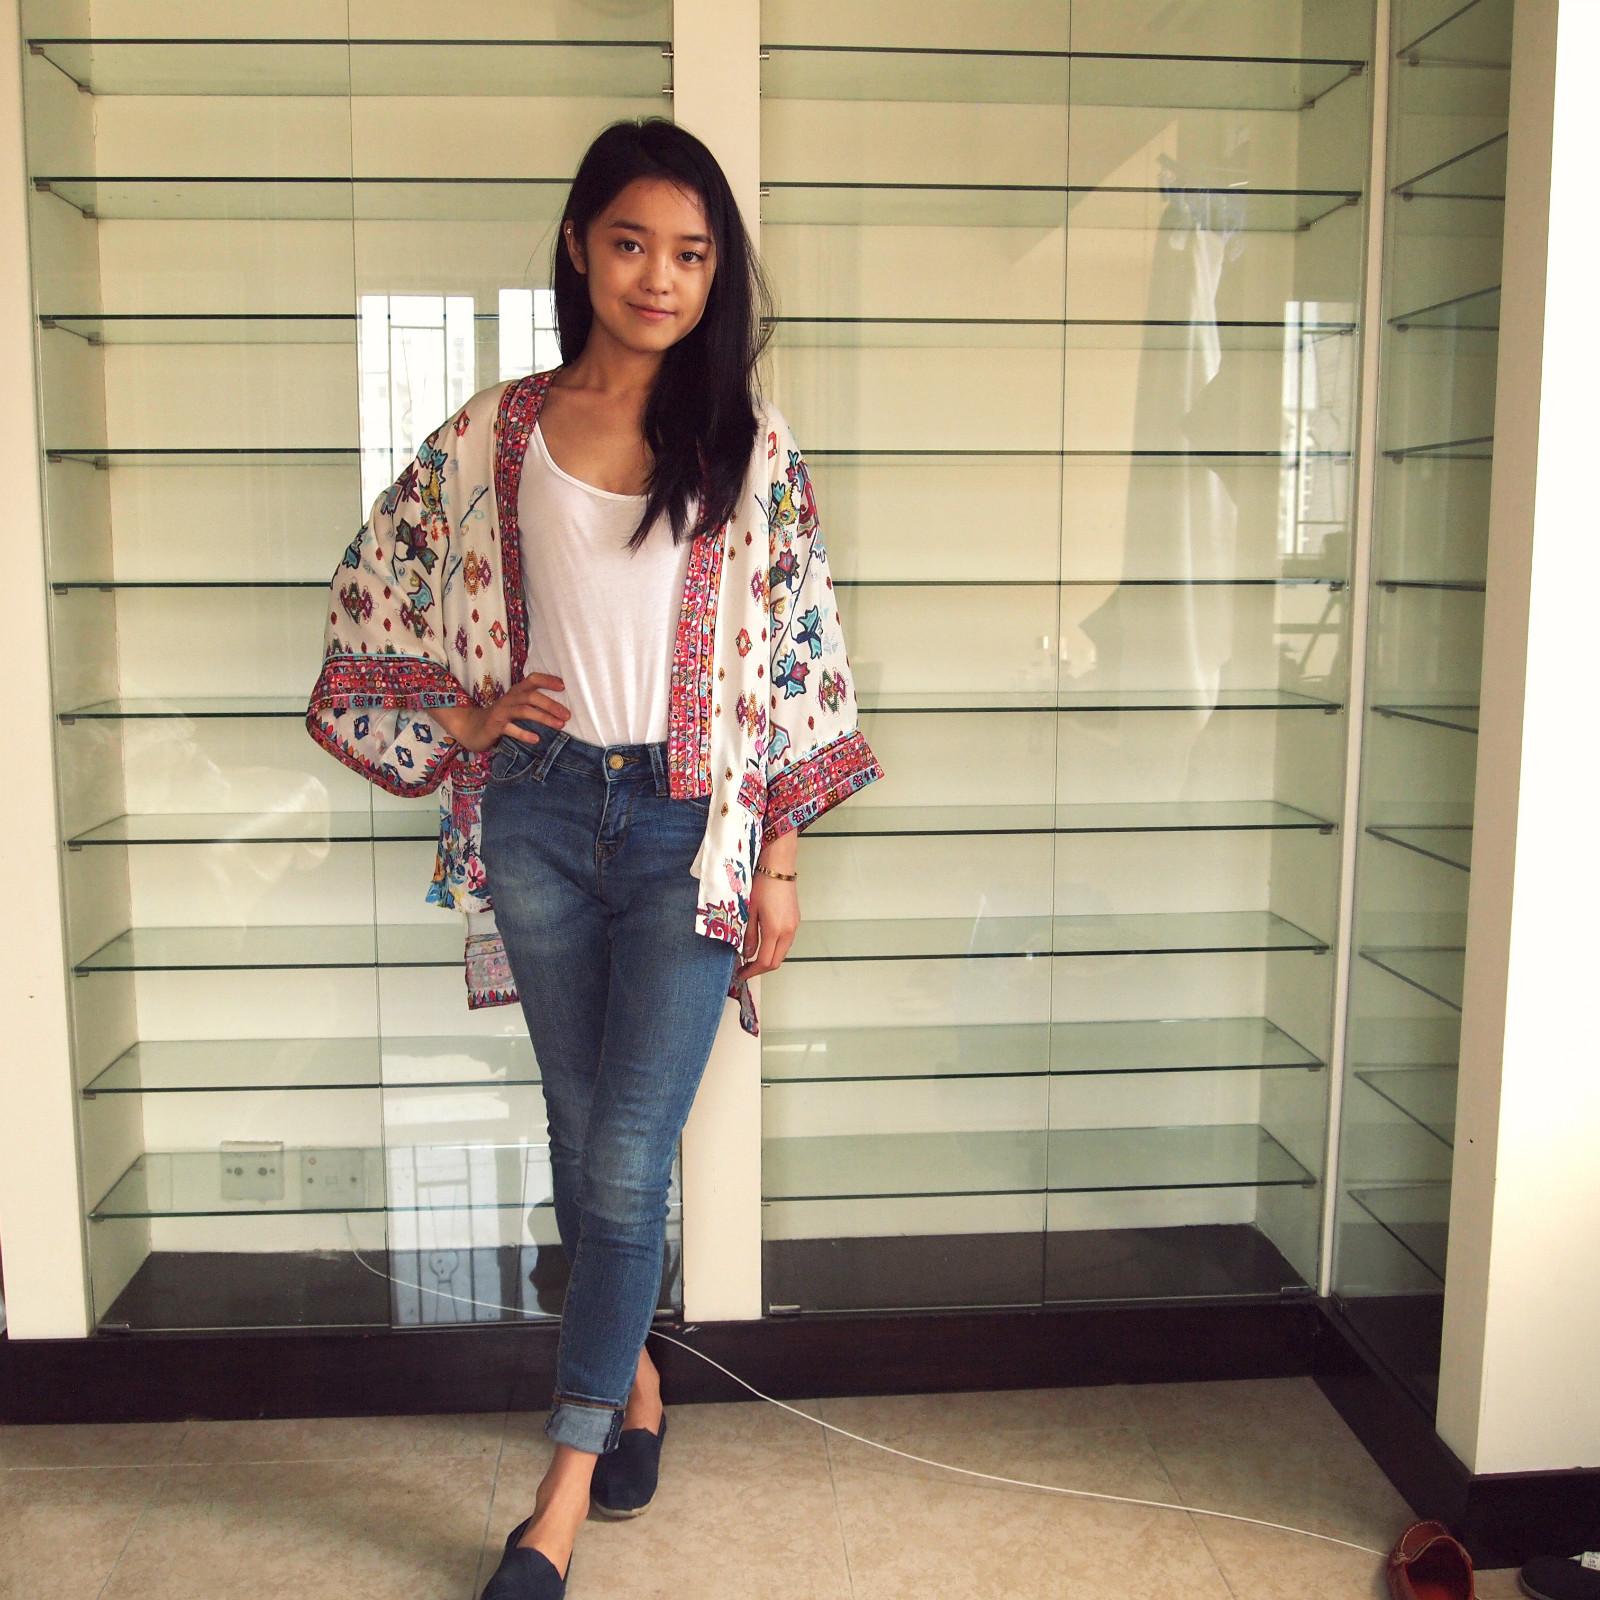 Zara Kimono and Jeans,  Toms